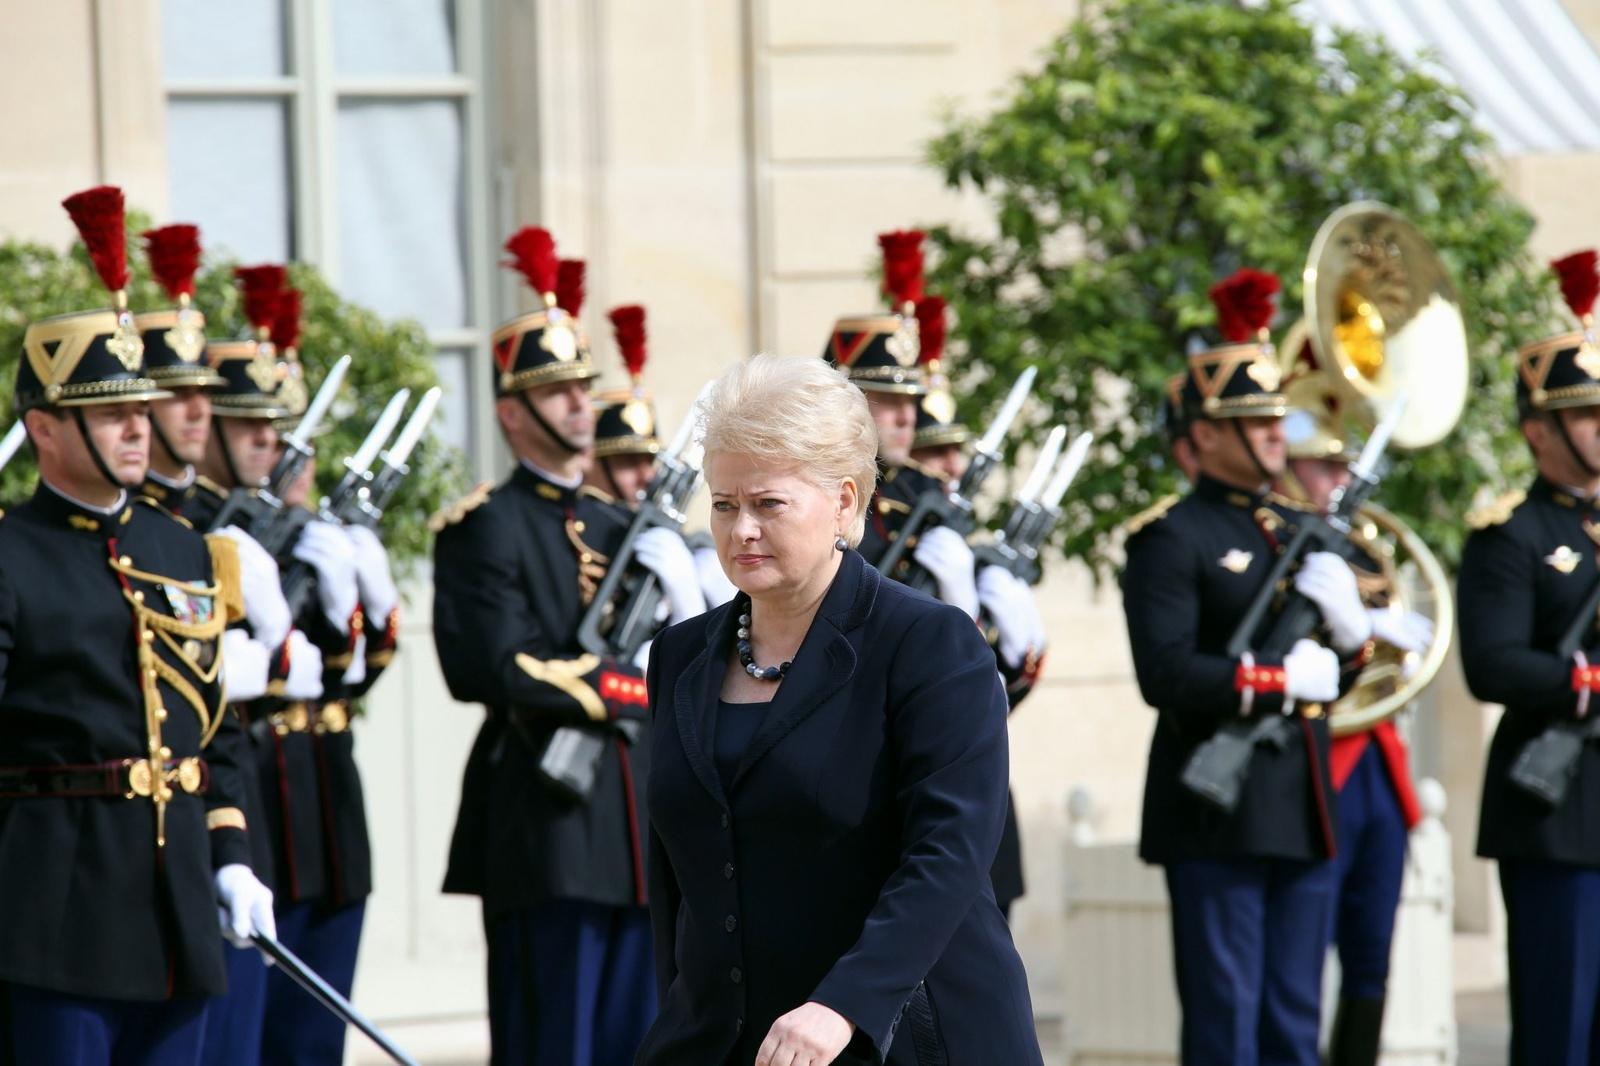 Prezidentė pareiškė užuojautą dėl buvusio Suomijos Prezidento M. Koivisto mirties